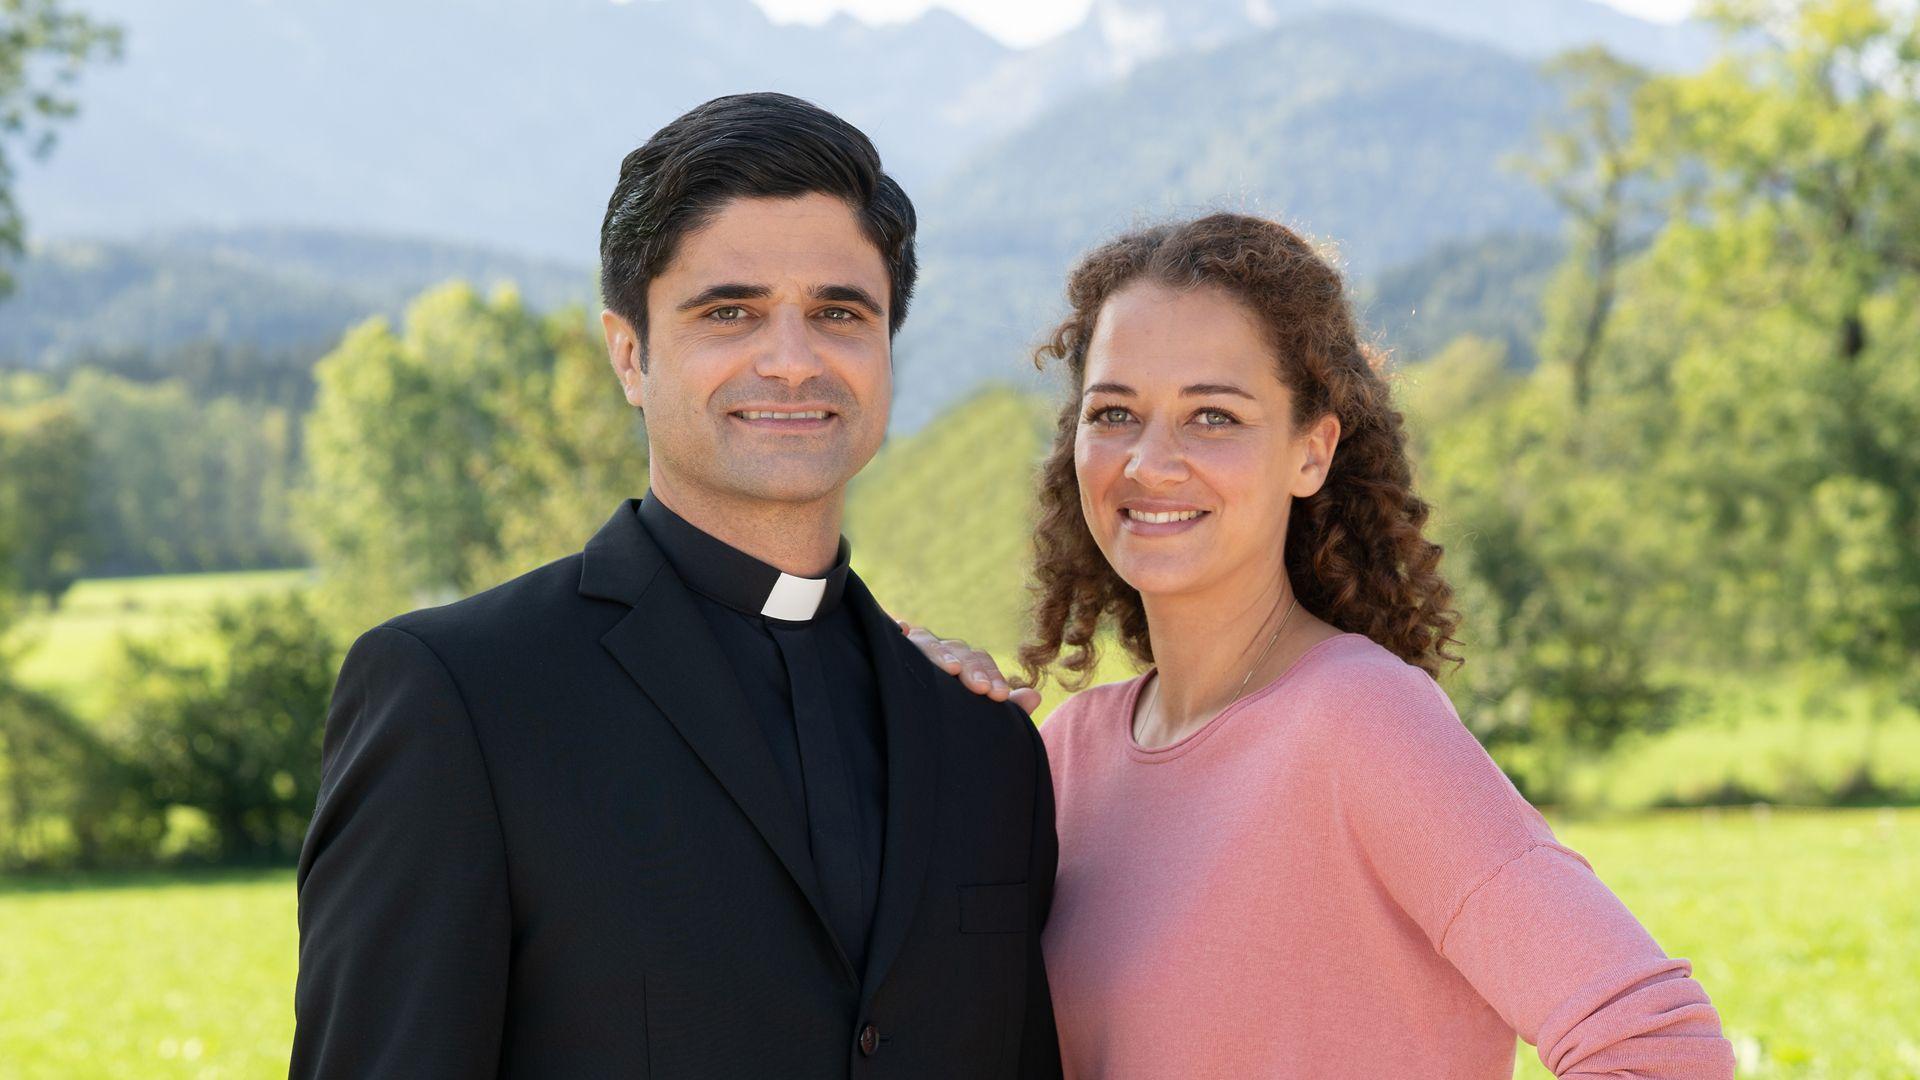 Tonio Und Julia Fortsetzung